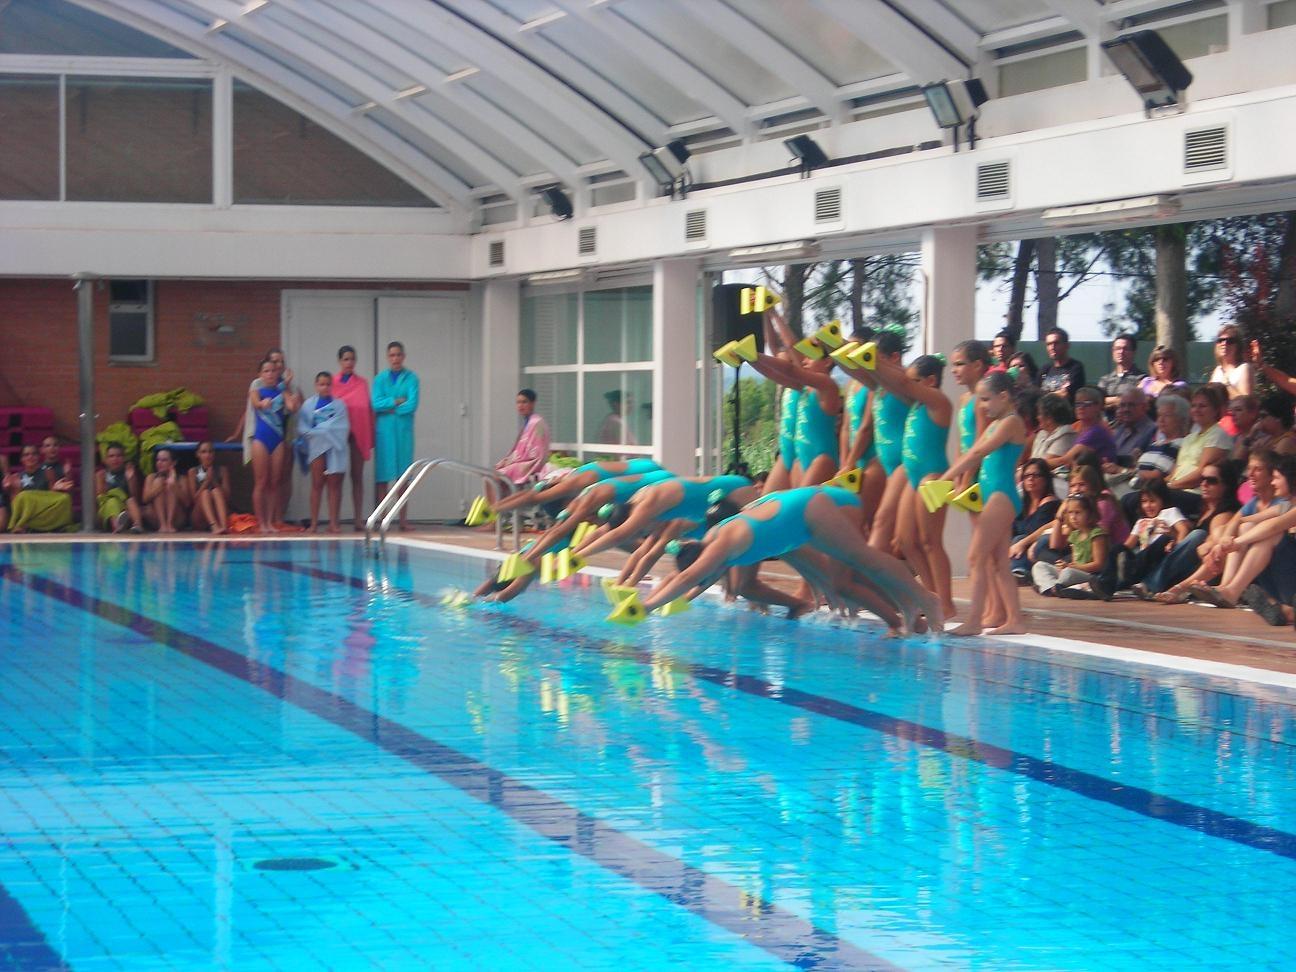 la selecci espanyola de nataci sincronitzada visita la